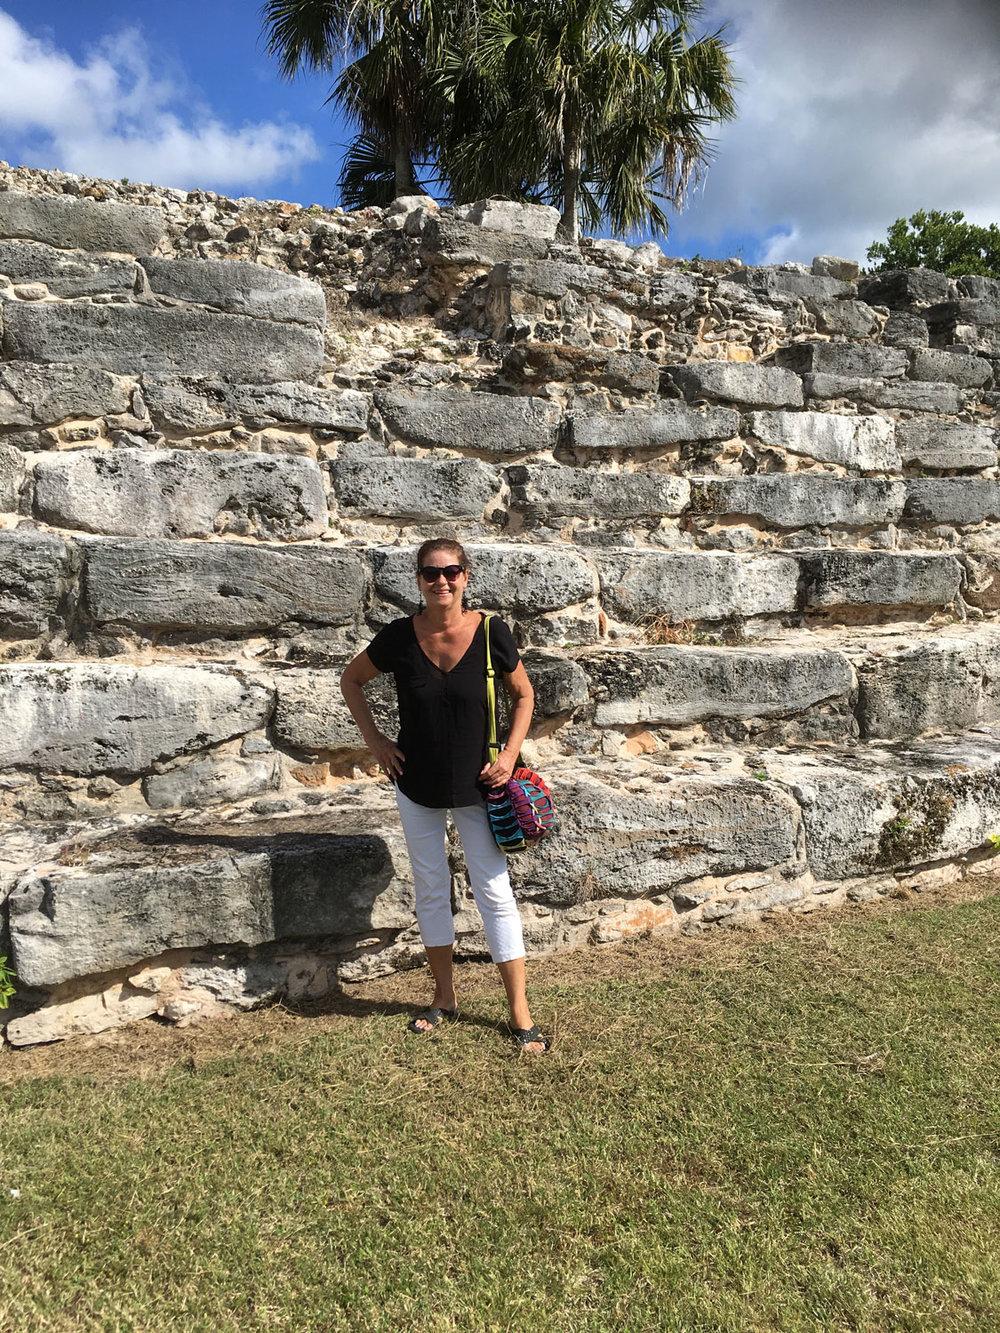 Hammocks_and_Ruins_Blog_Riviera_Maya_Mexico_Travel_Discover_Yucatan_What_to_do_Merida_Izamal_Ruins_69.jpg